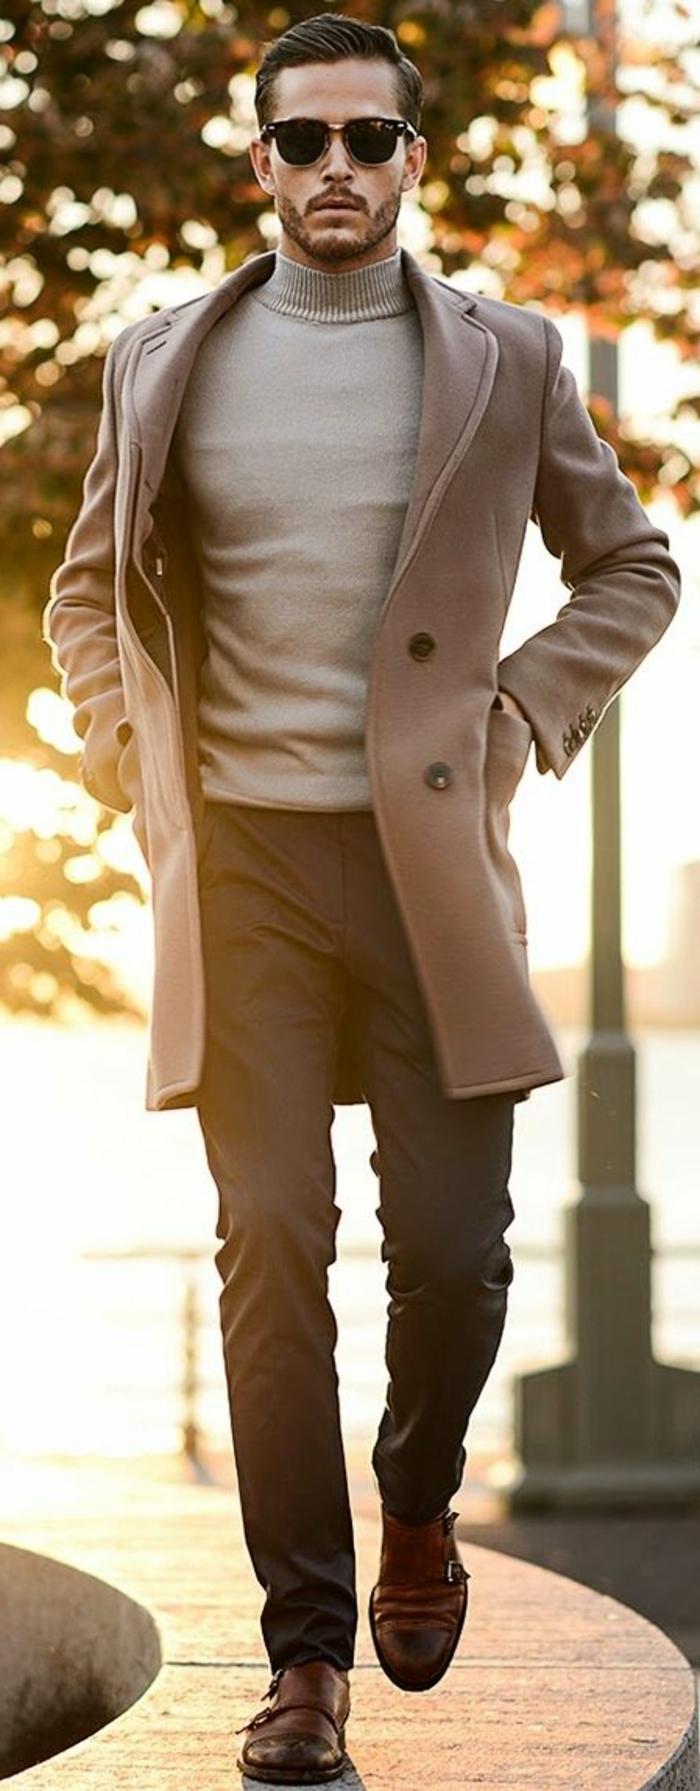 doudoune-homme-manteau-caban-homme-hiver-beige-alée